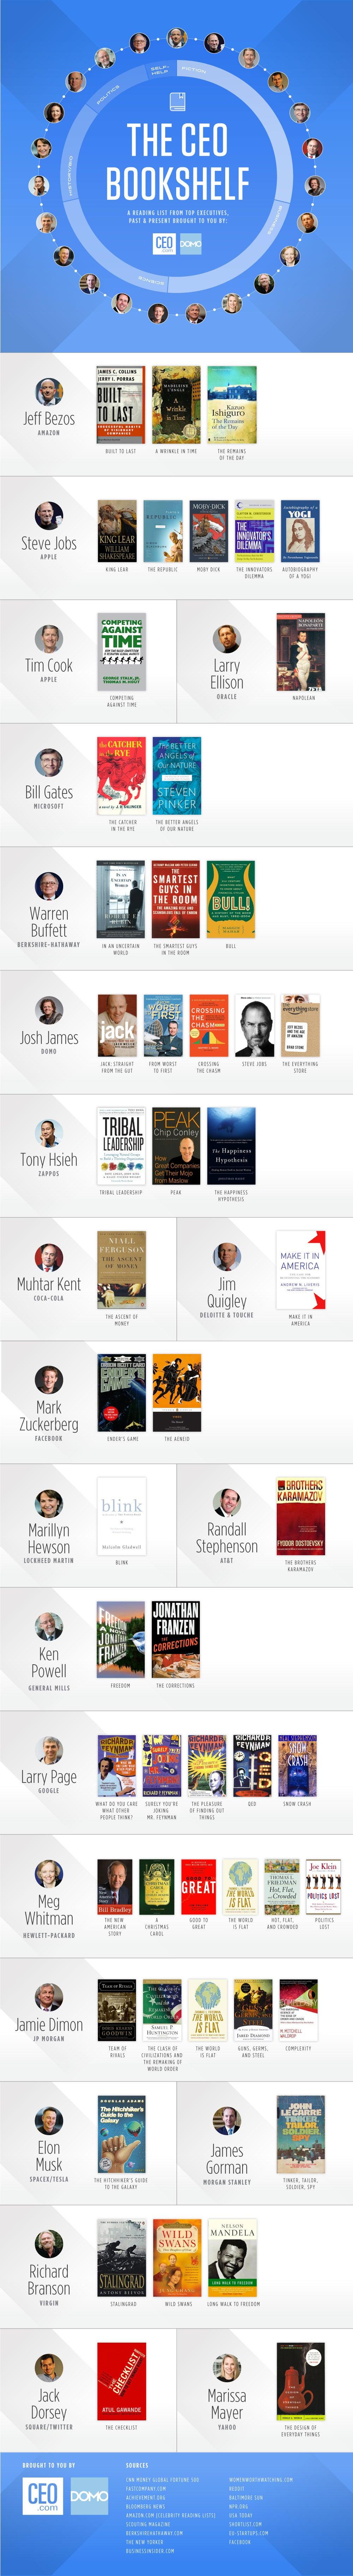 CEOs Favorite Books